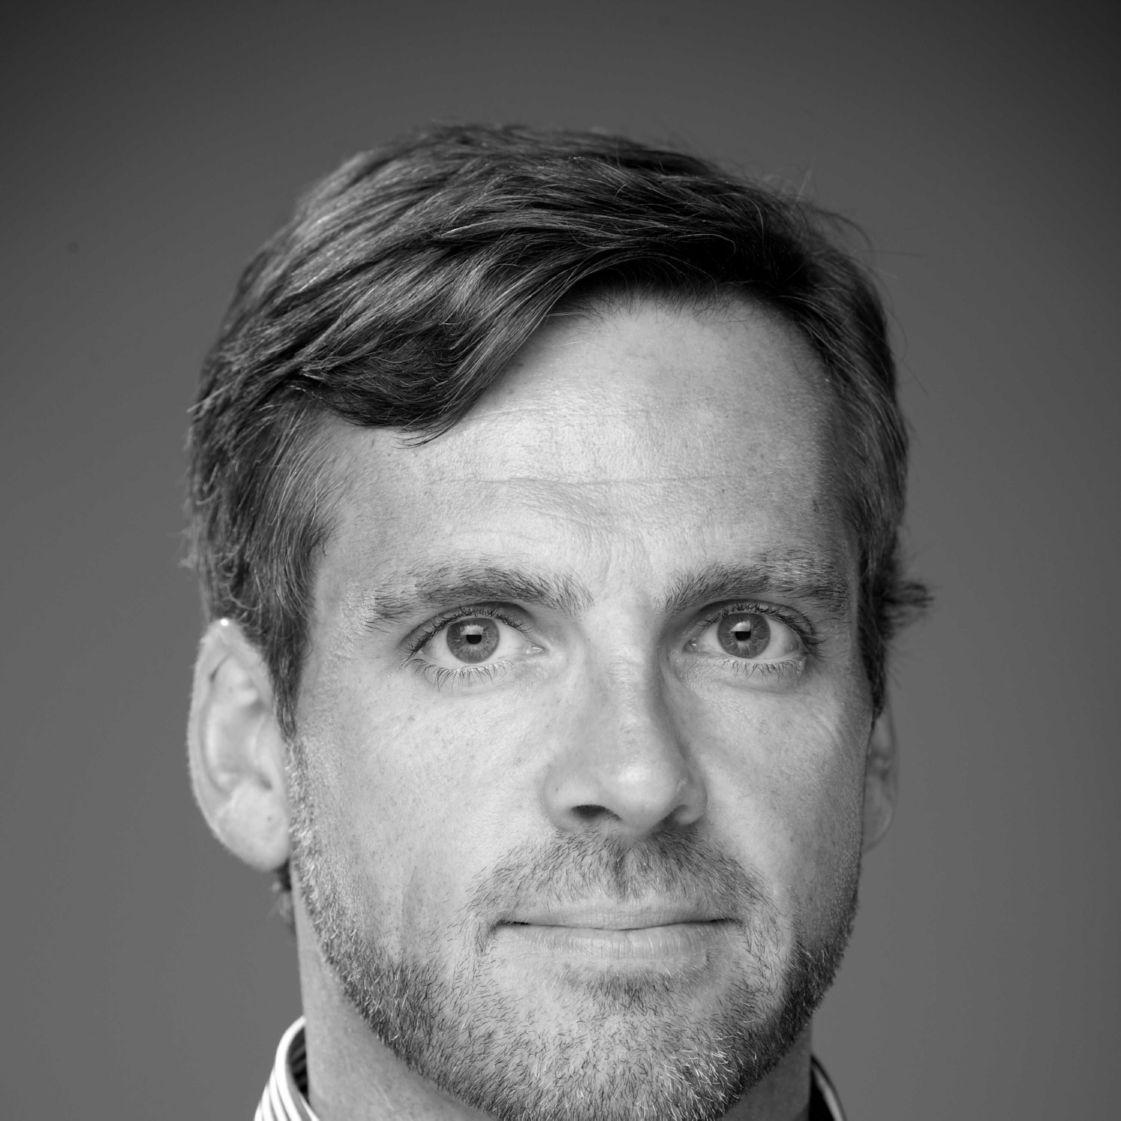 Owen Van Natta